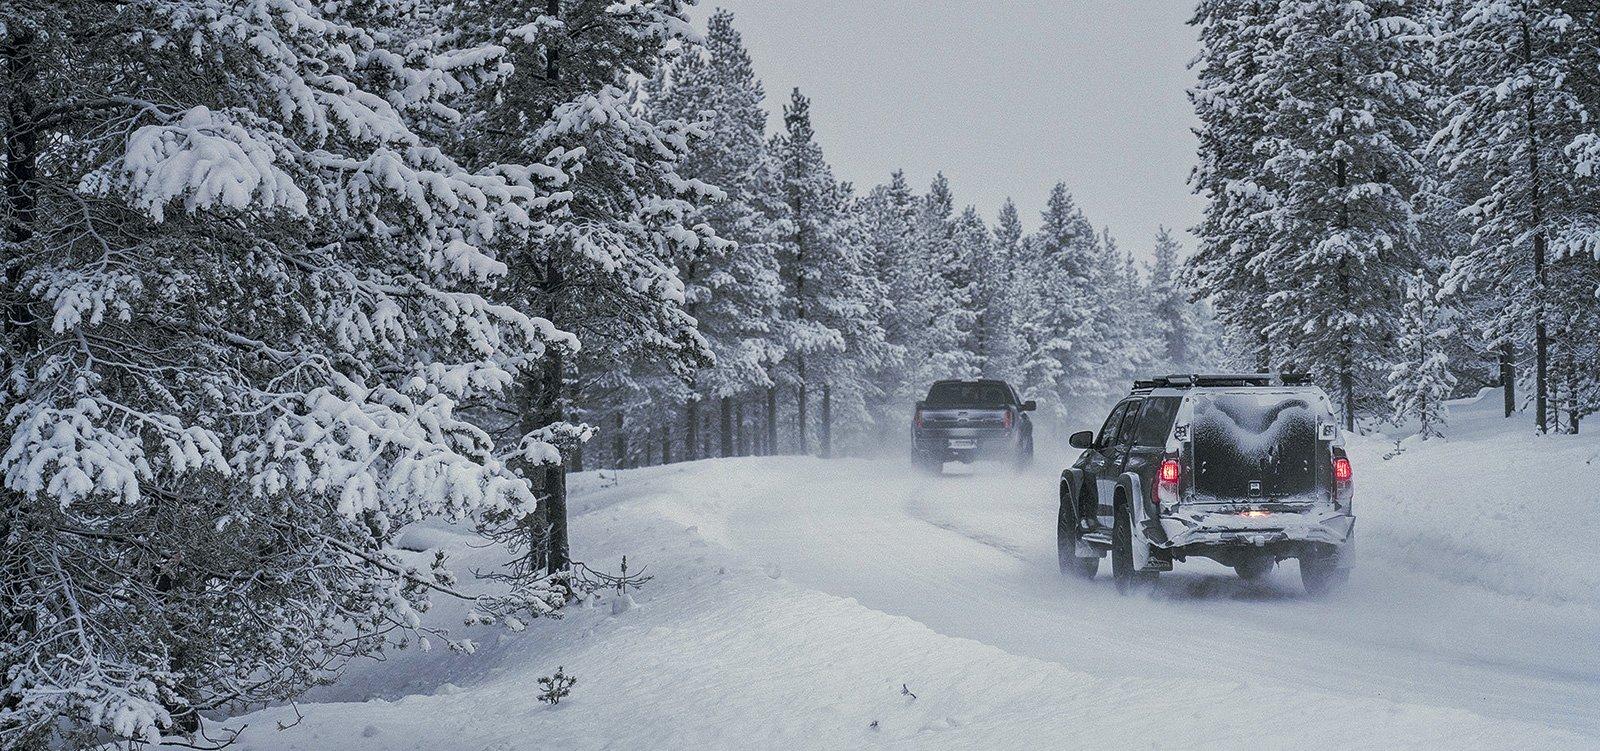 Суперобзор зимних шин. 52 модели 2020 года с шипами и без: цены, особенности, типоразмеры